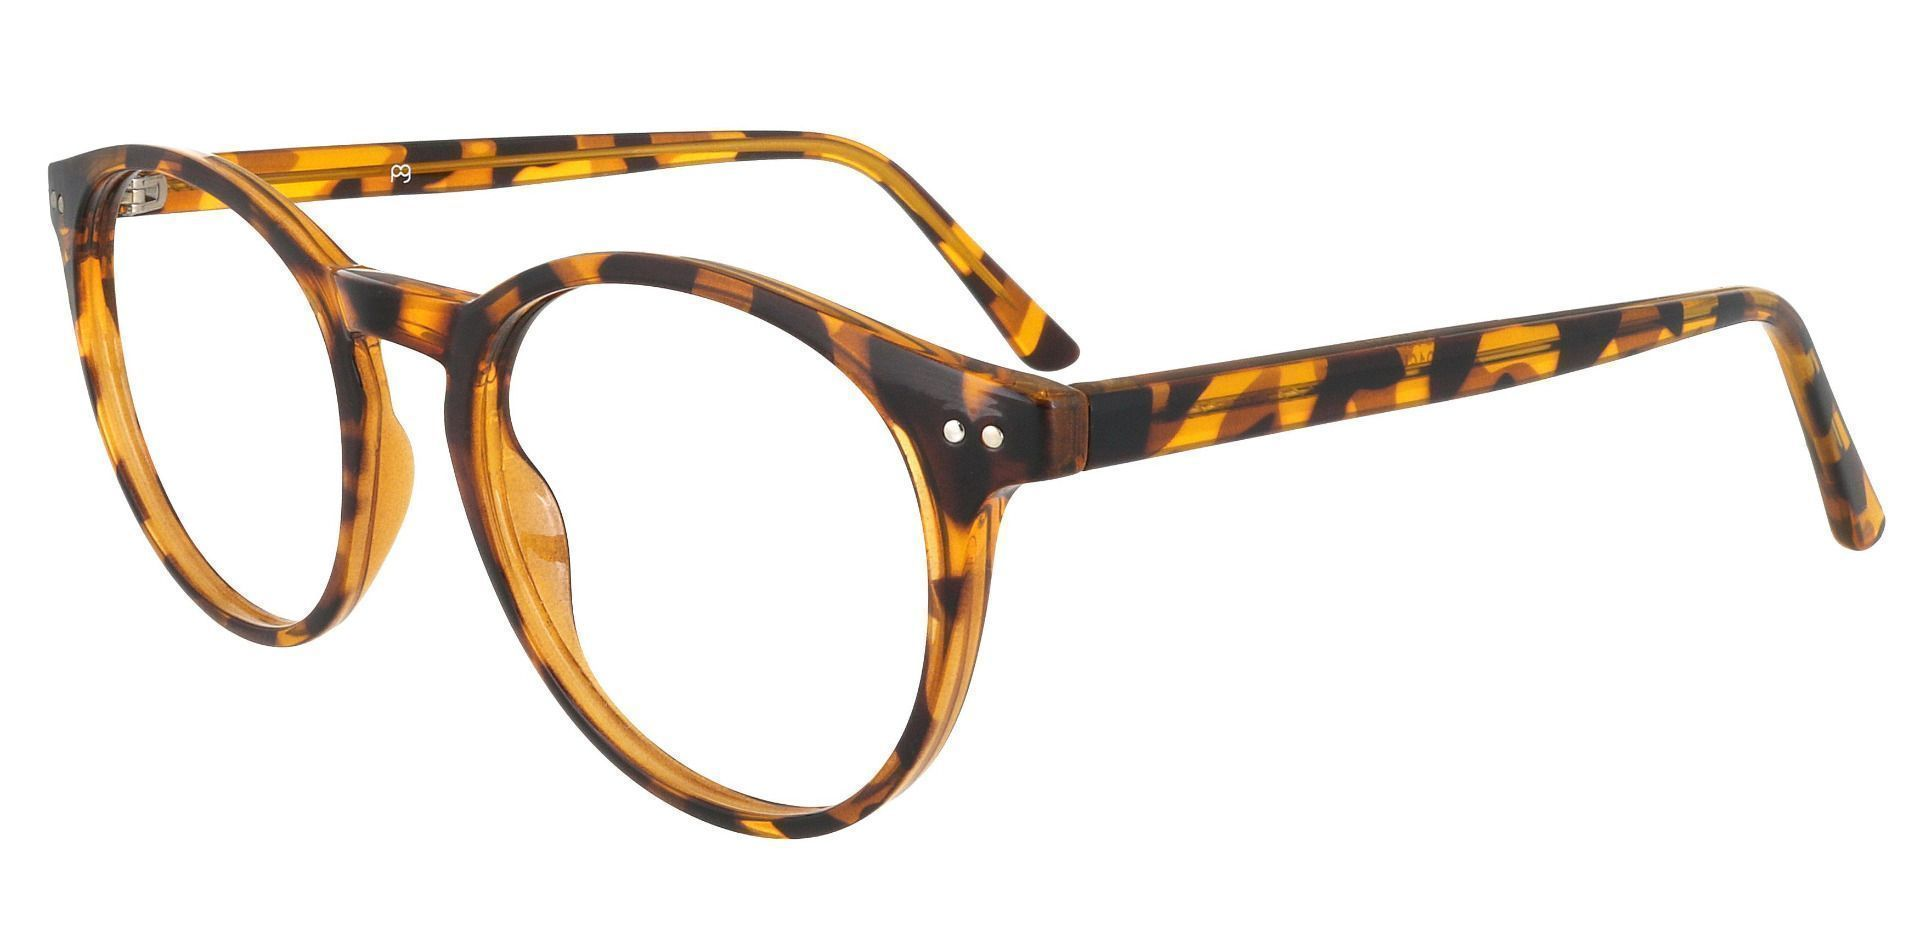 Dormont Round Prescription Glasses - Tortoise